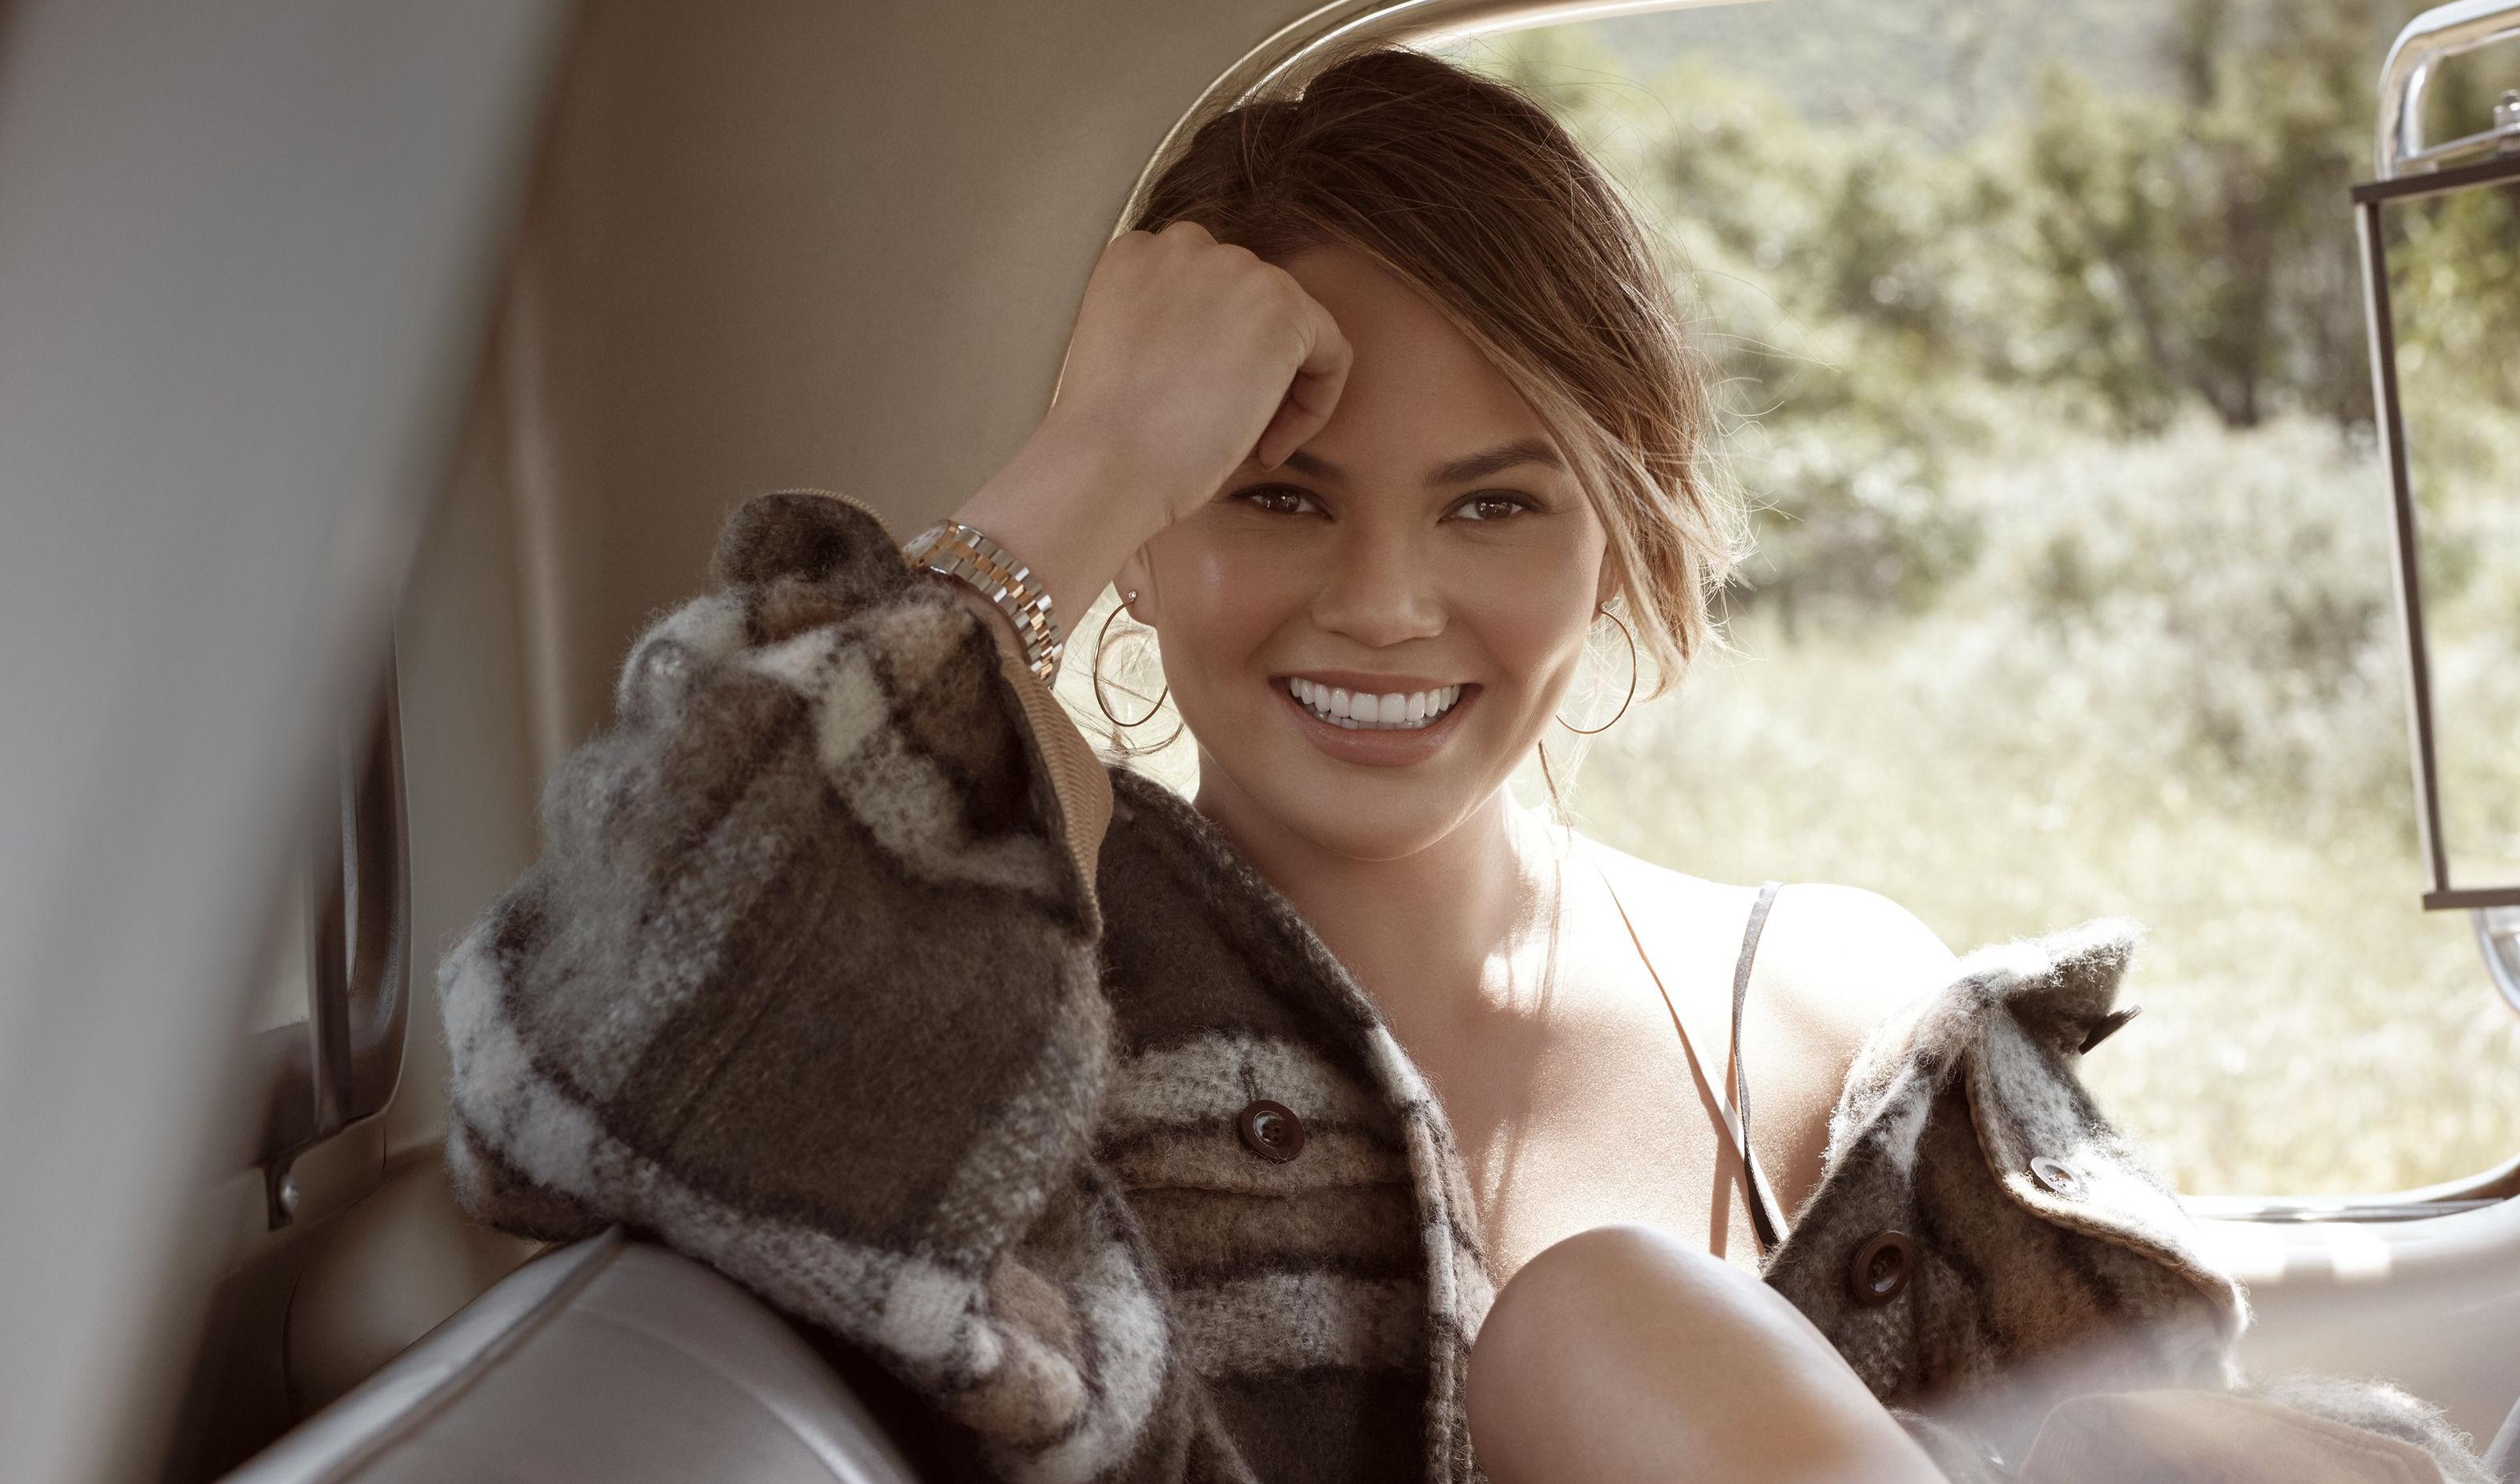 beautiful chrissy teigen smile wallpaper 68410